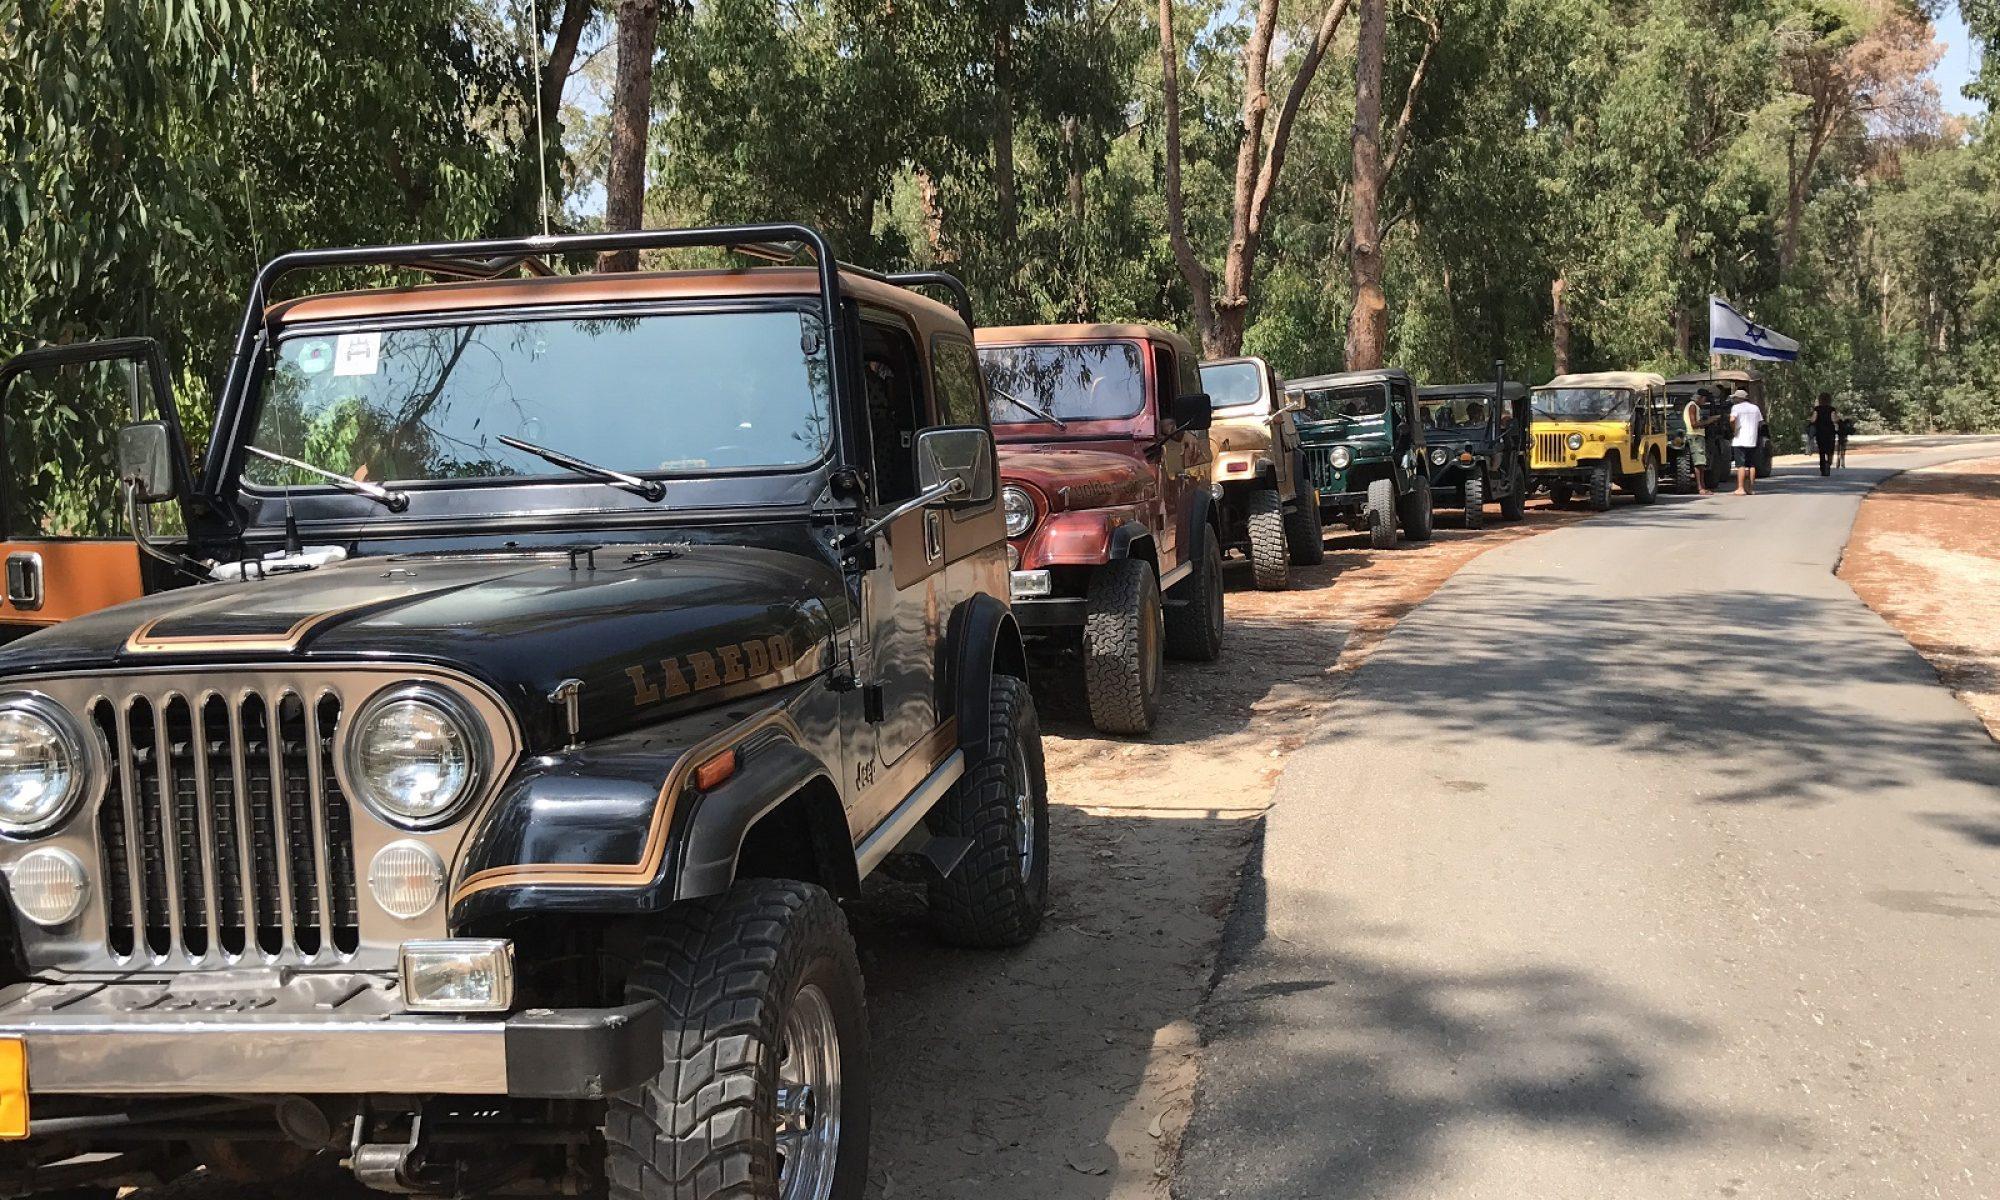 ג'יפי אספנות בישראל - Israel Jeeps